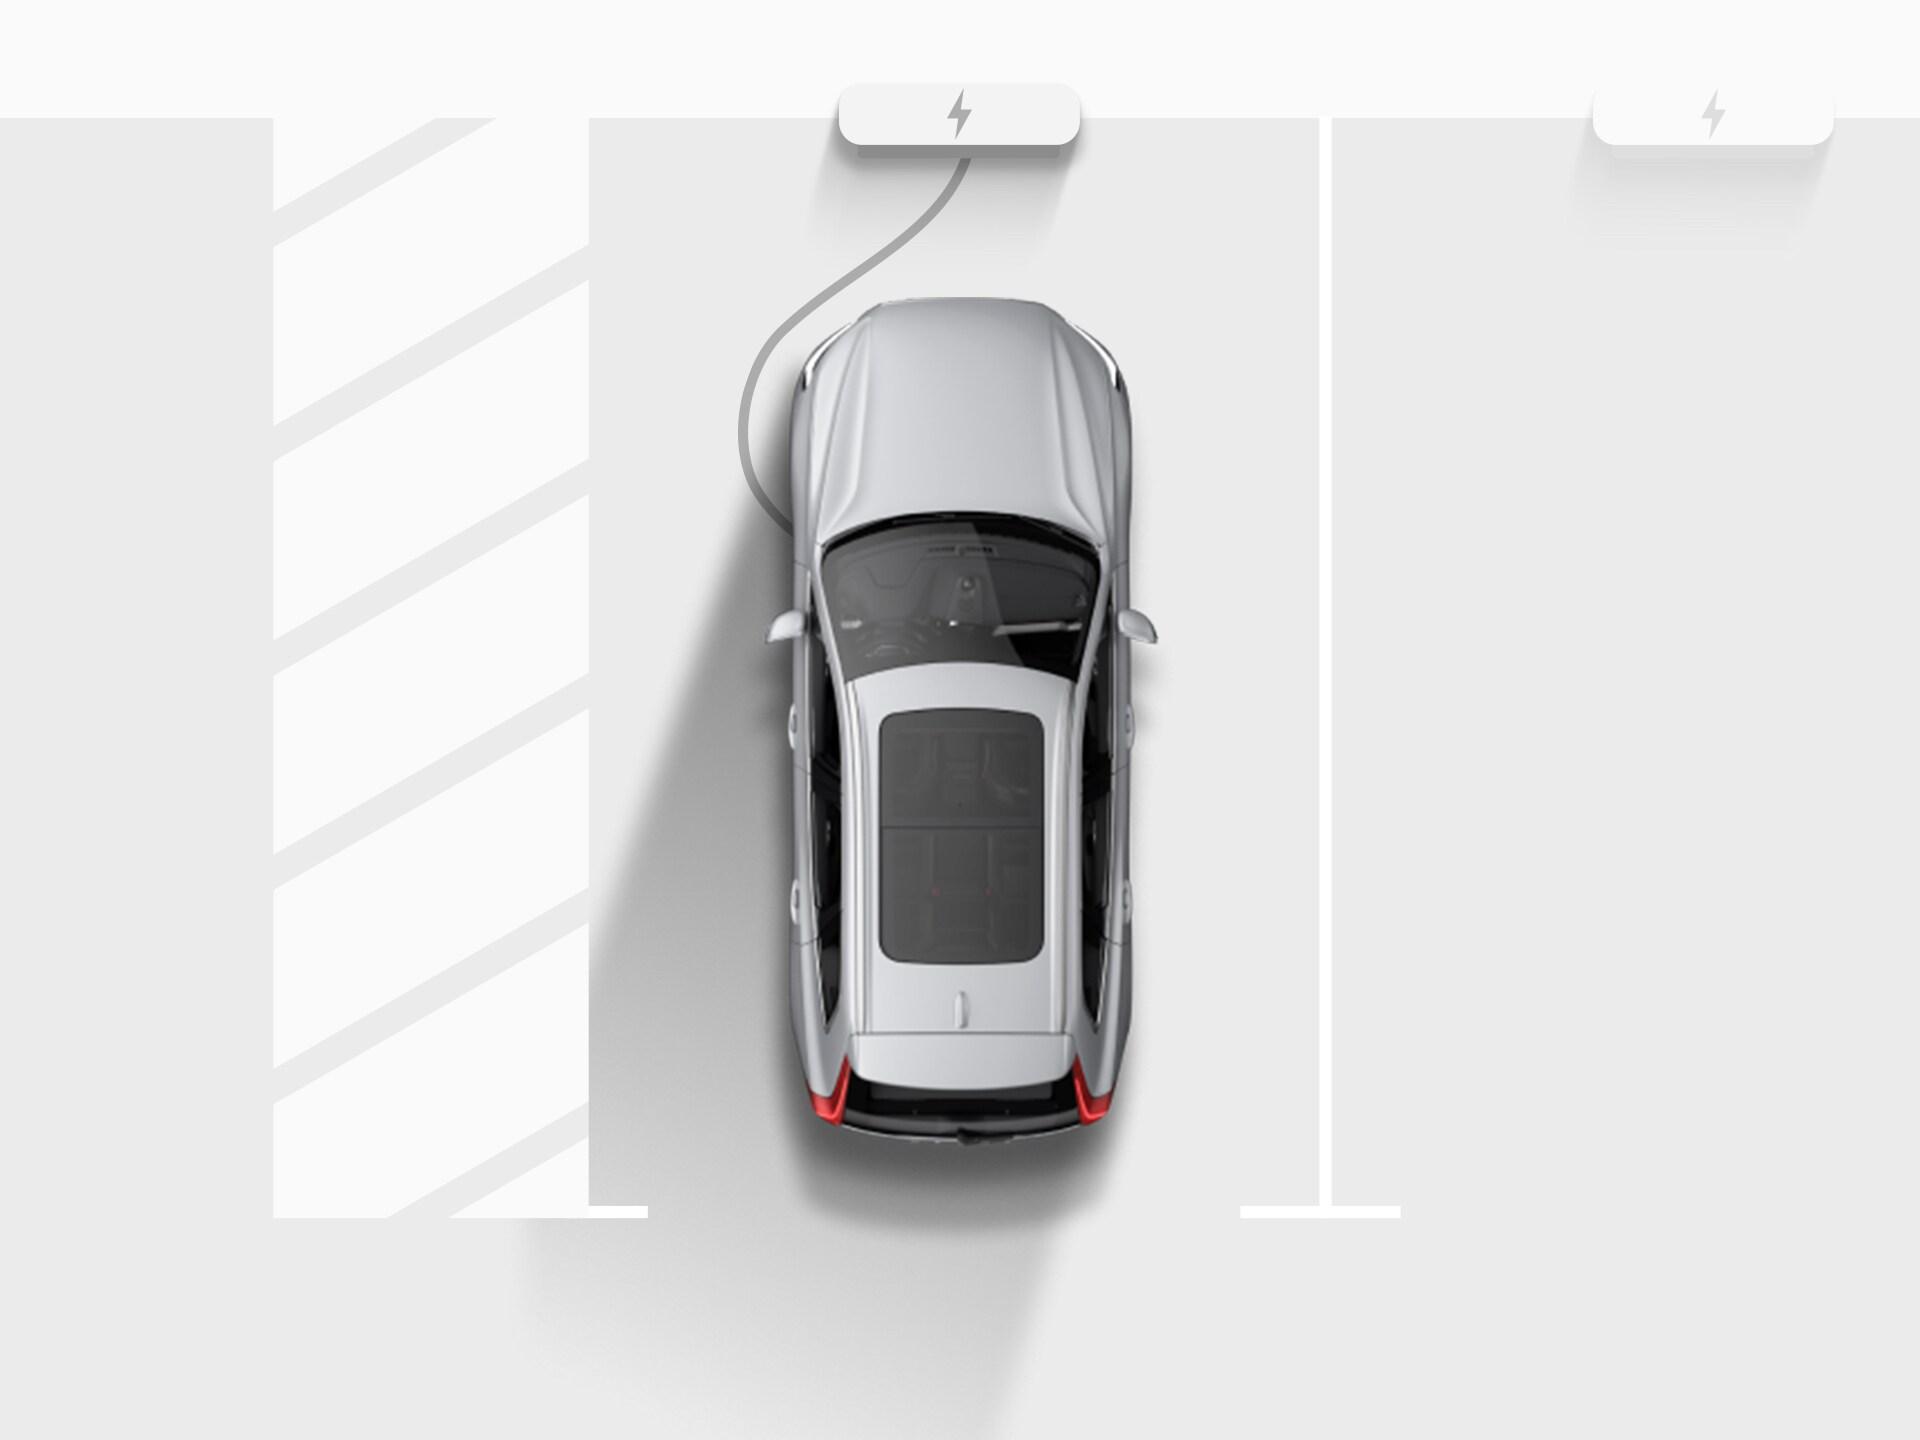 Representación digital de un Volvo XC40 Recharge Pure Electric SUV plateado conectado a una estación de recarga en el estacionamiento de un apartamento.